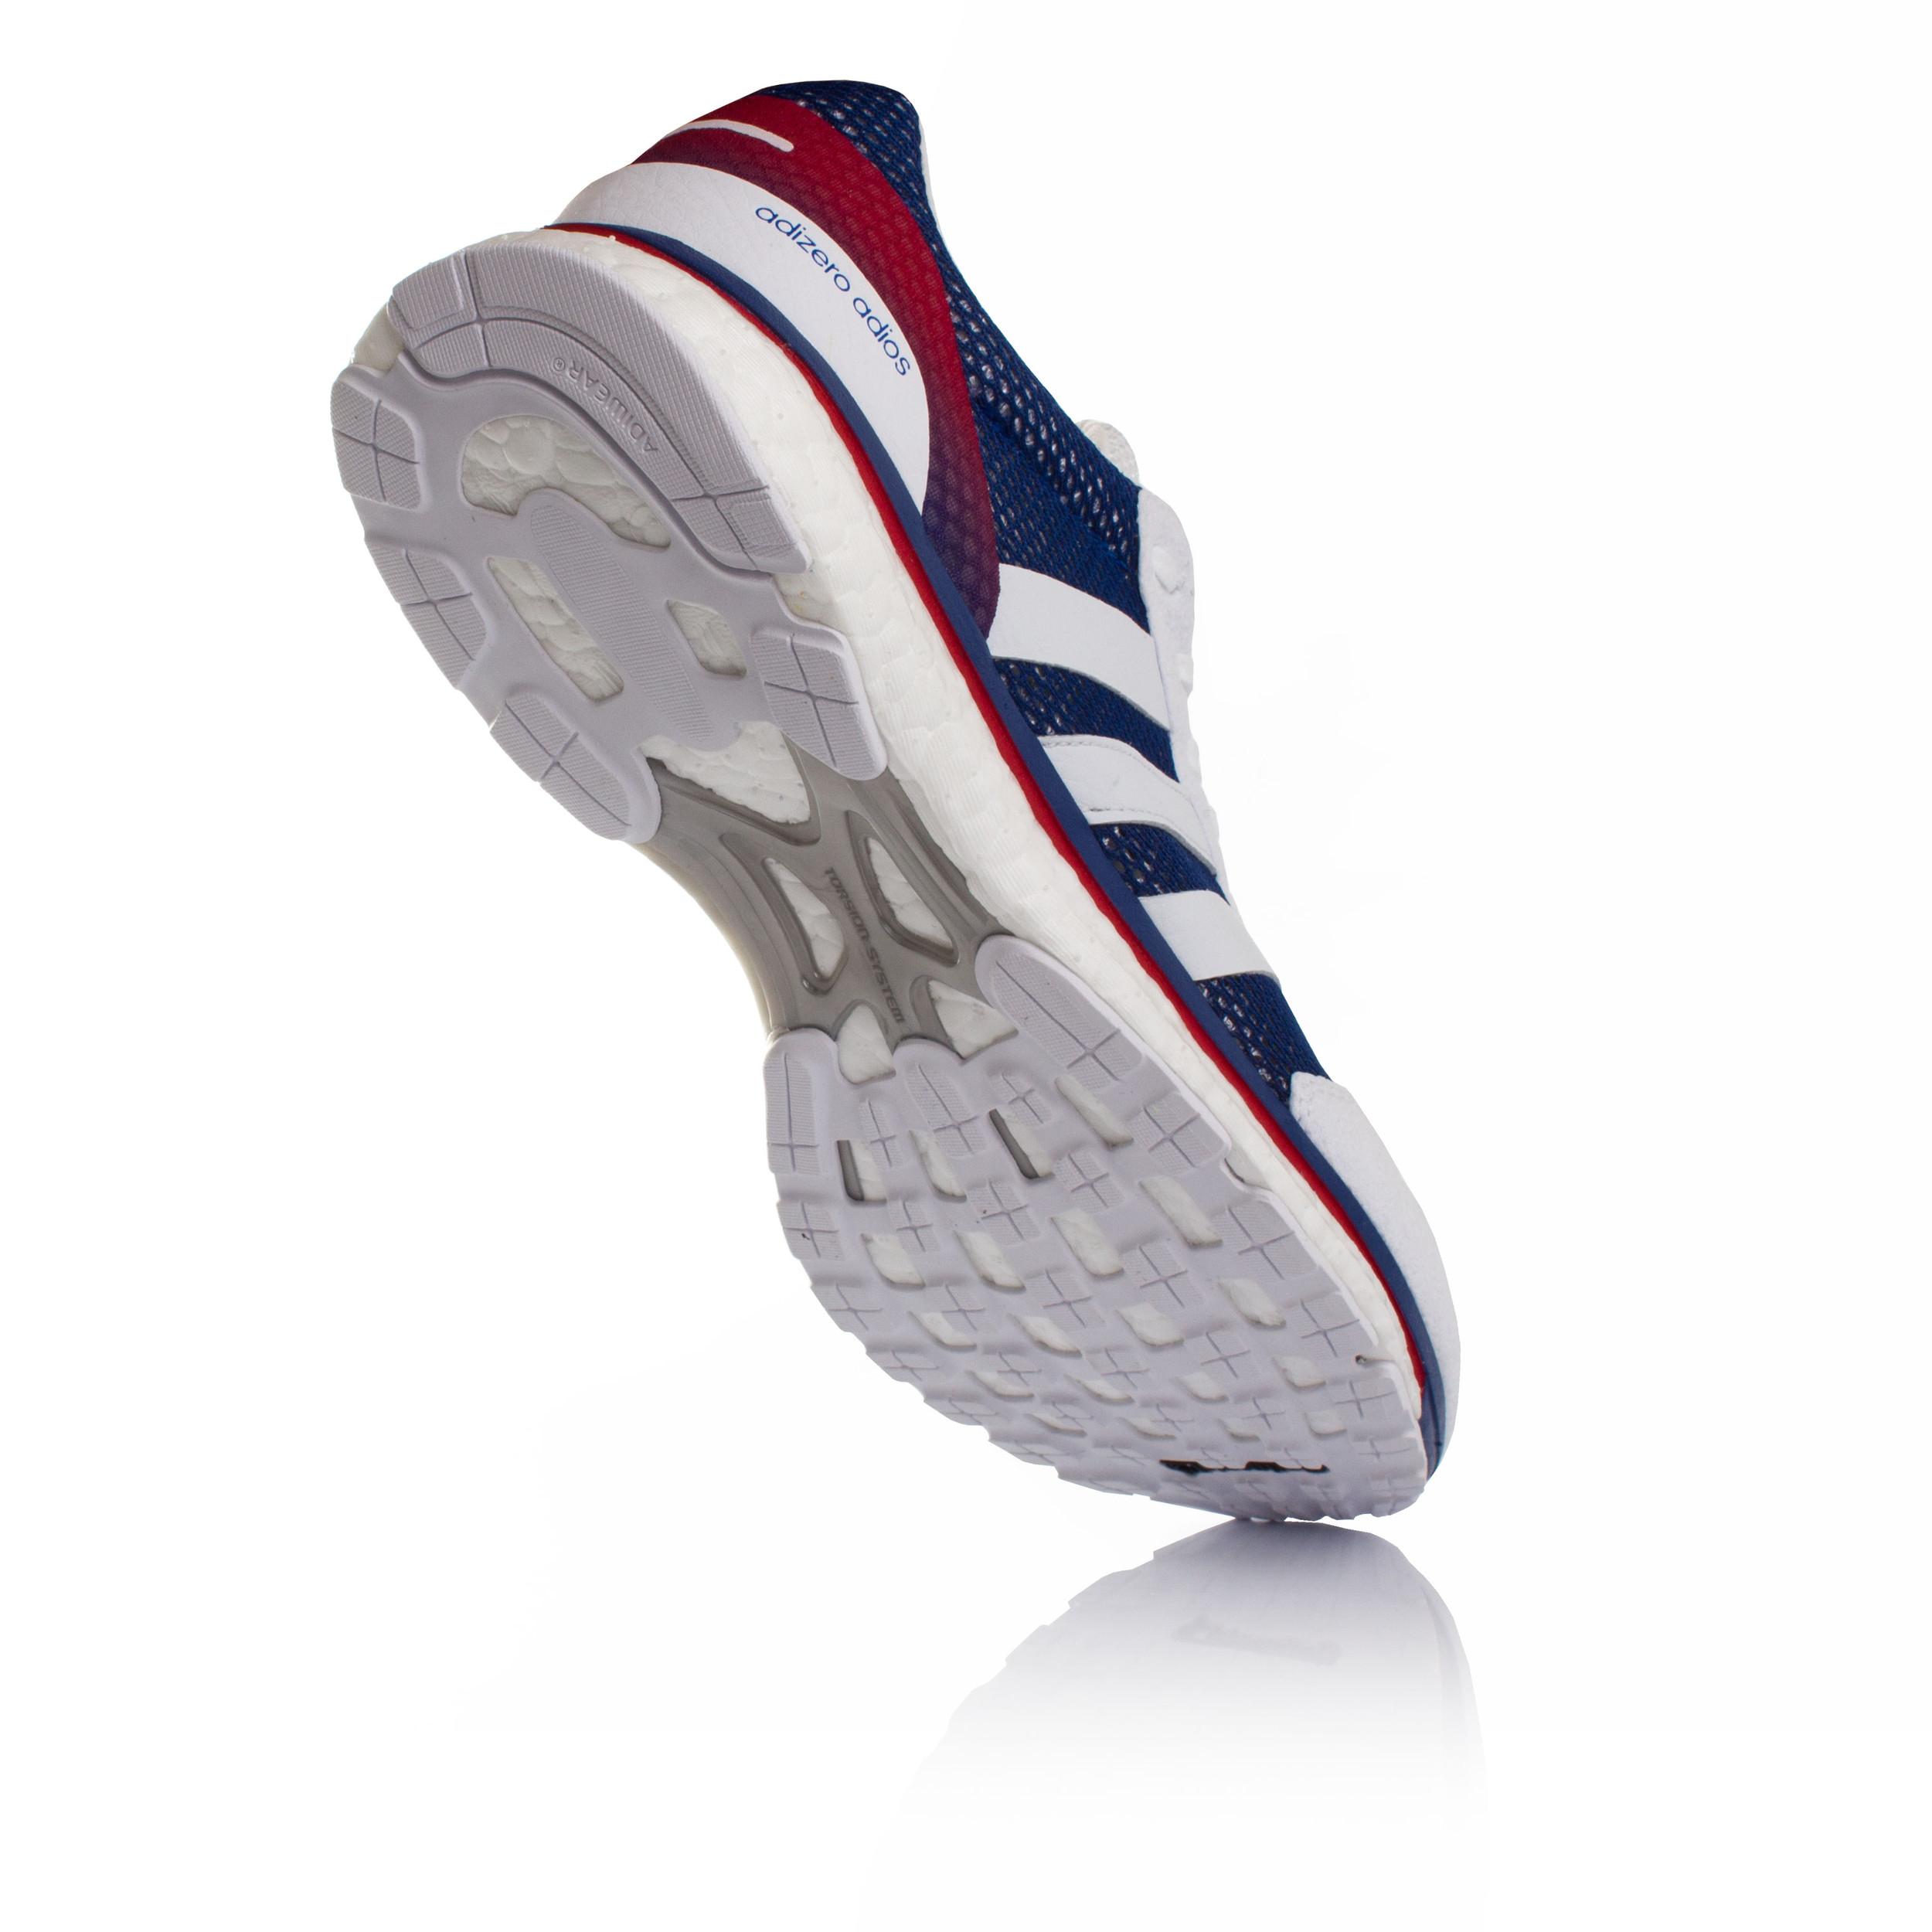 Hombres Adidas Adizero Adiós Zapatos Para Correr HXmFk